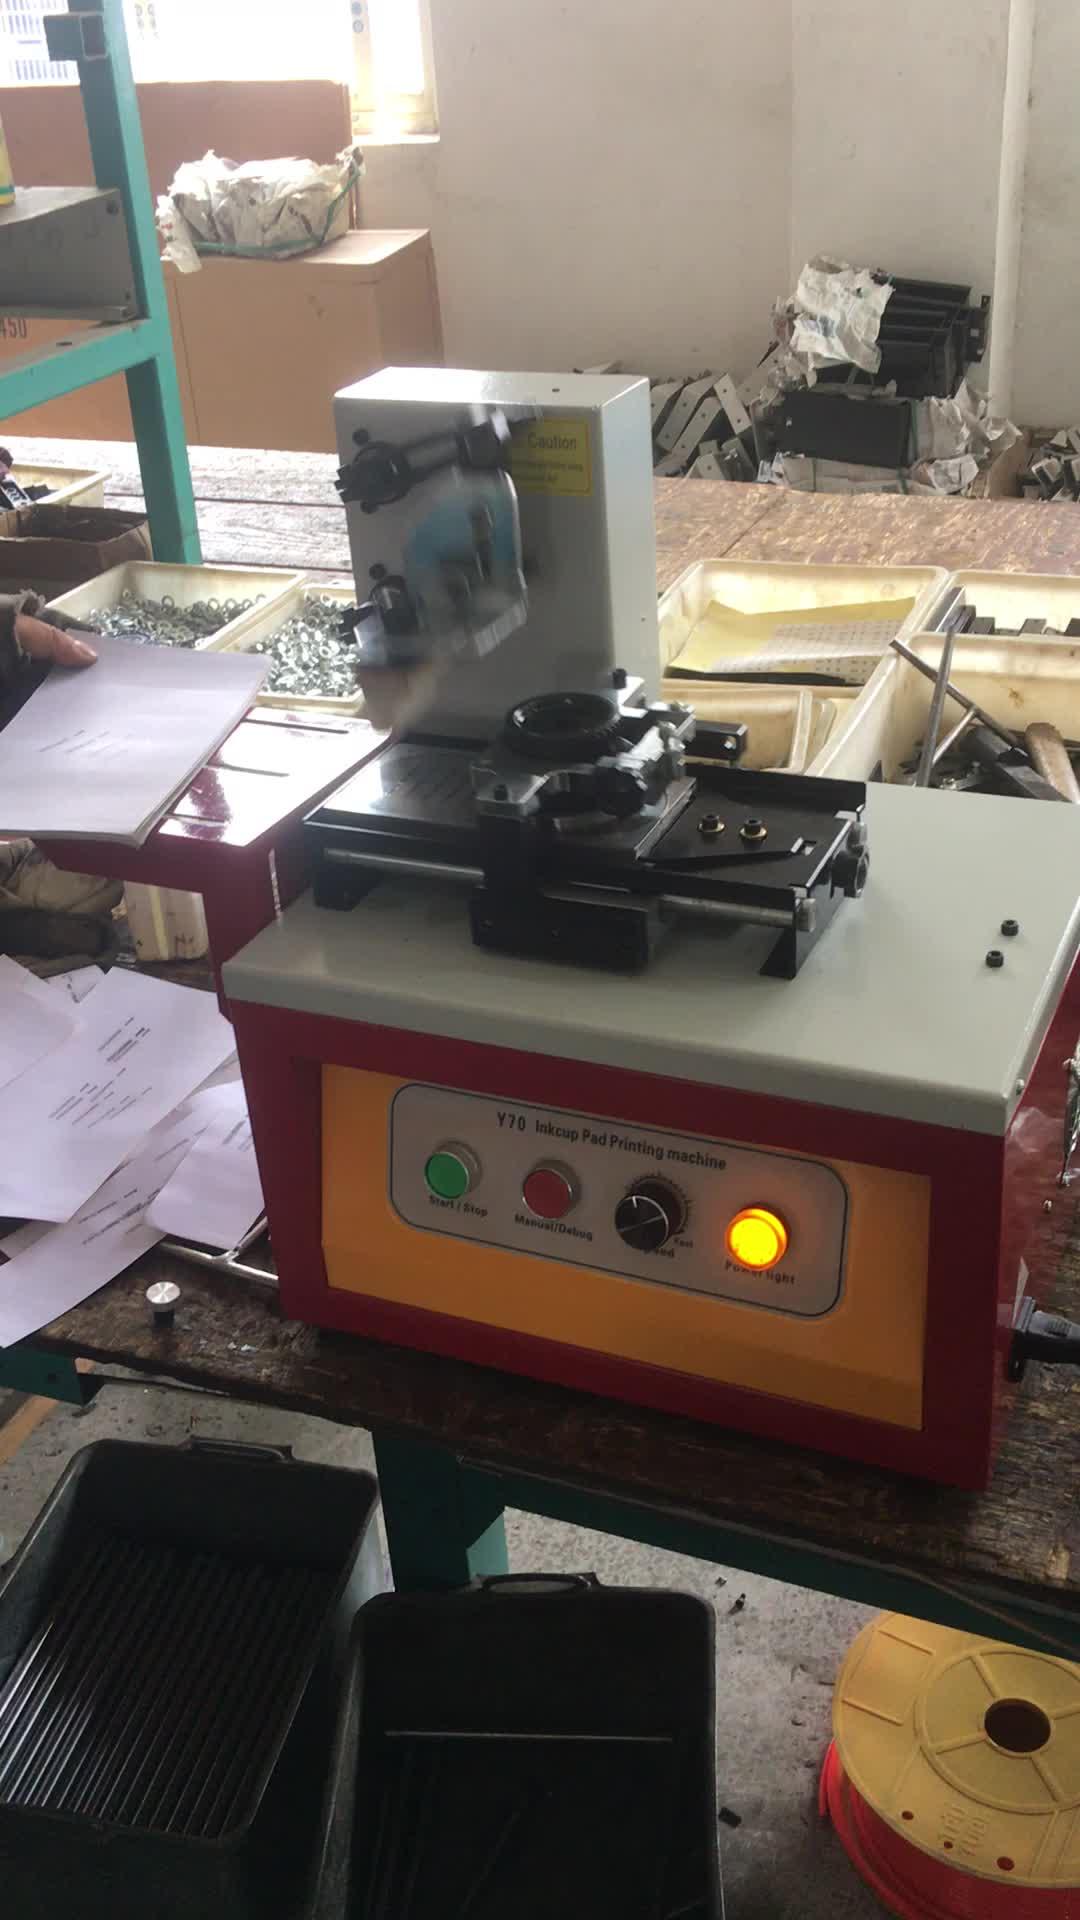 बिक्री के लिए इलेक्ट्रिक स्याही कप प्रकार प्रिंटिंग प्रेस